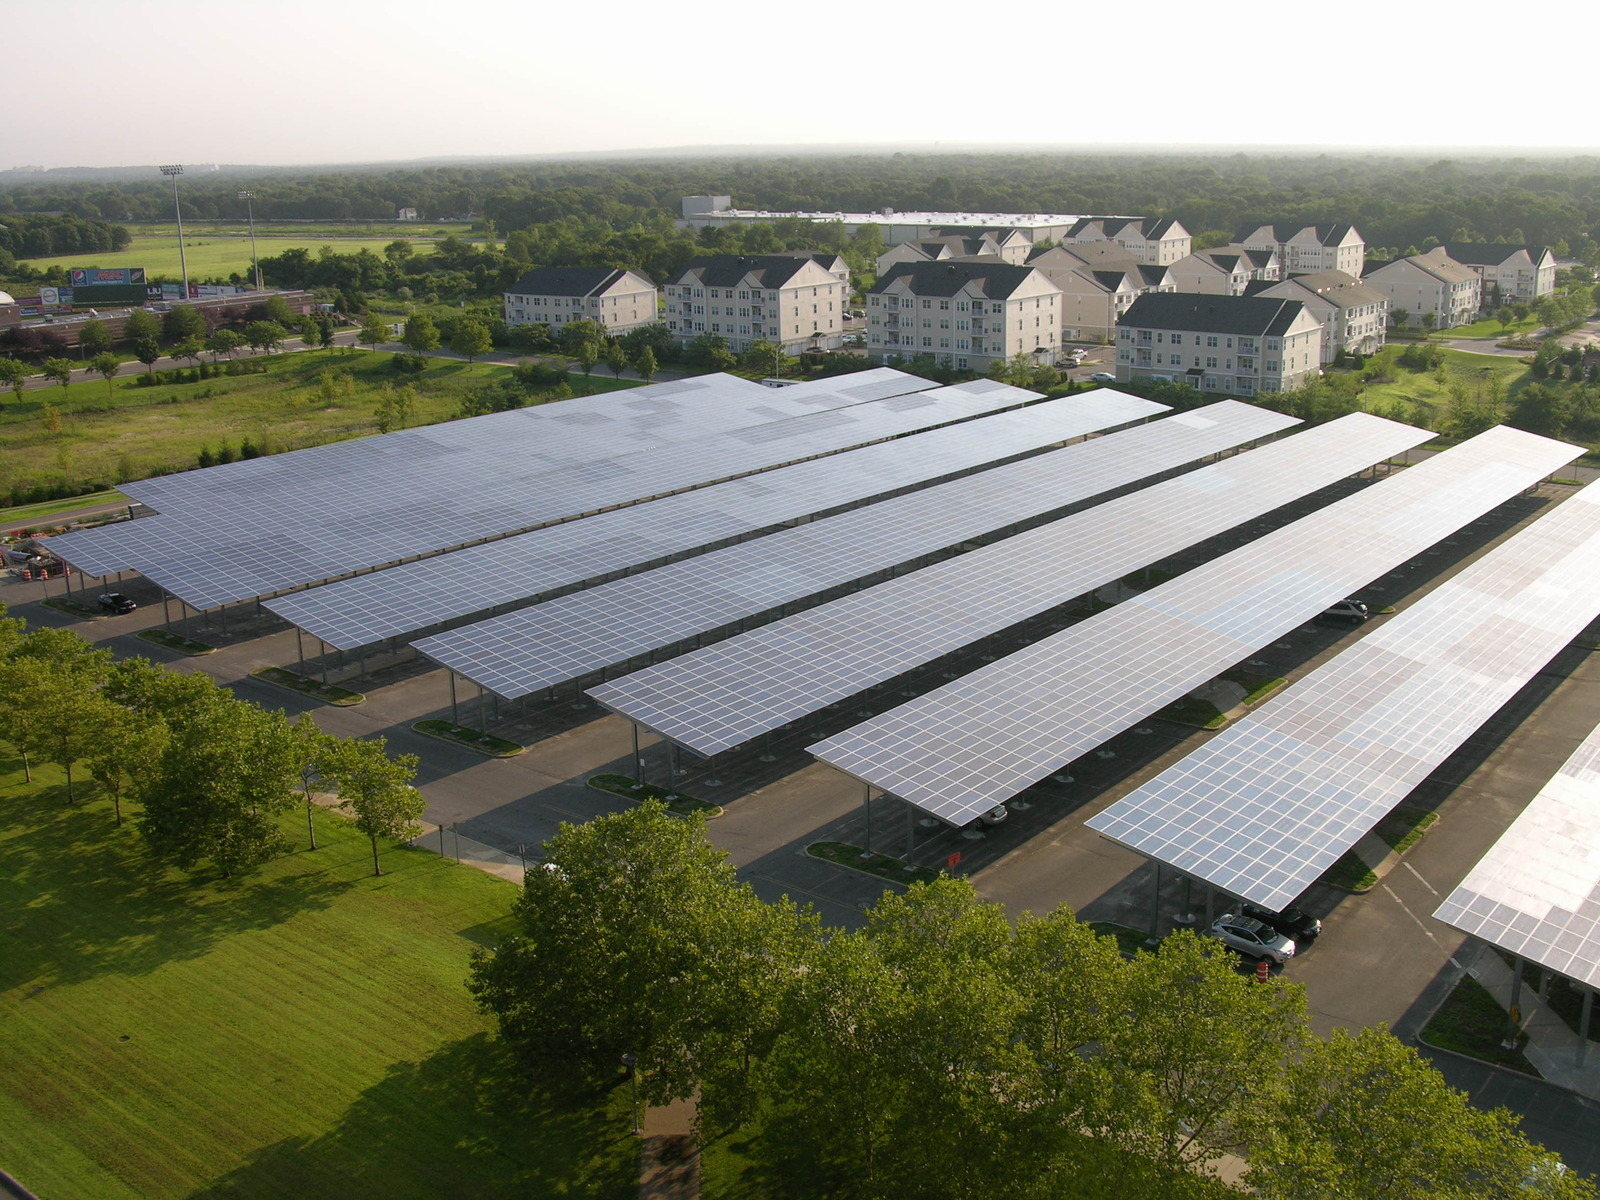 Solar Panel Carport : Solar carports commercial carport design